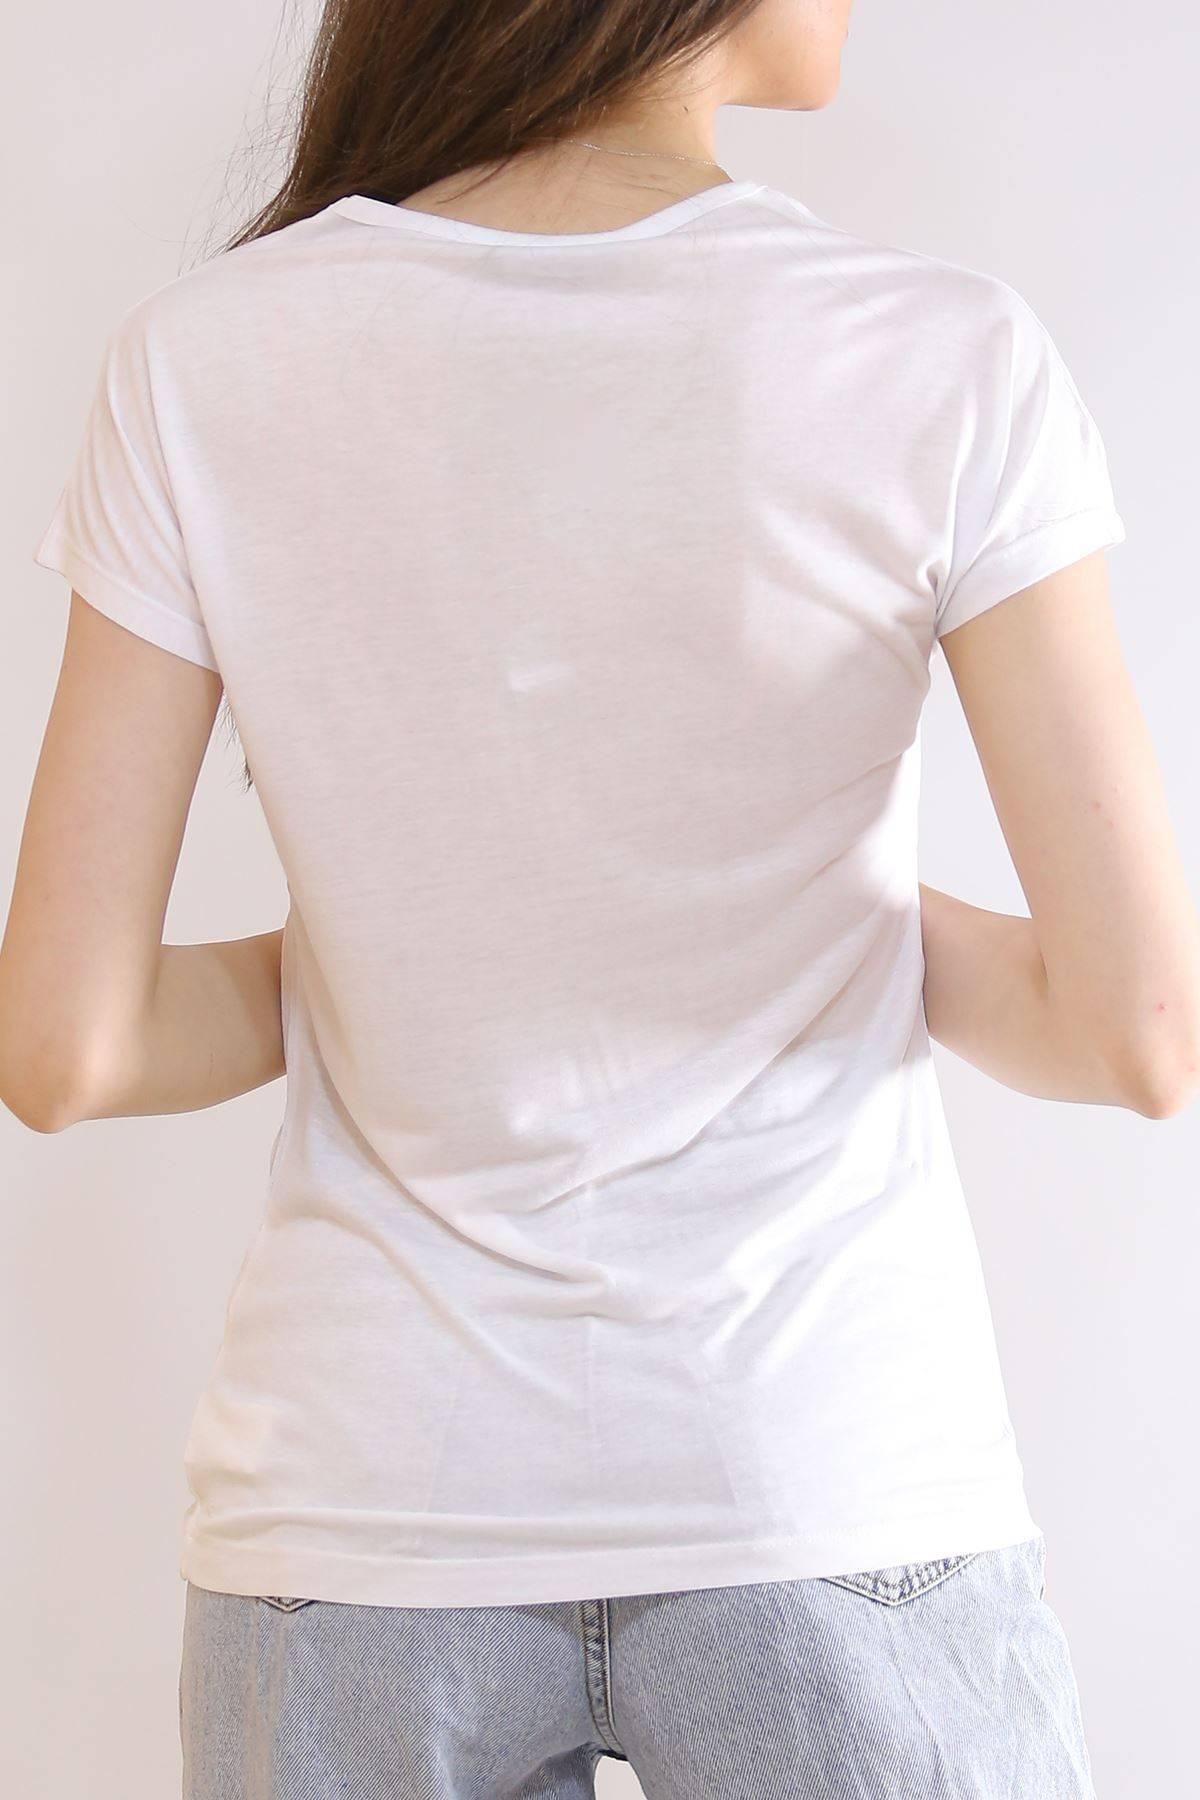 Baskılı Tişört Beyaz - 19604.200.